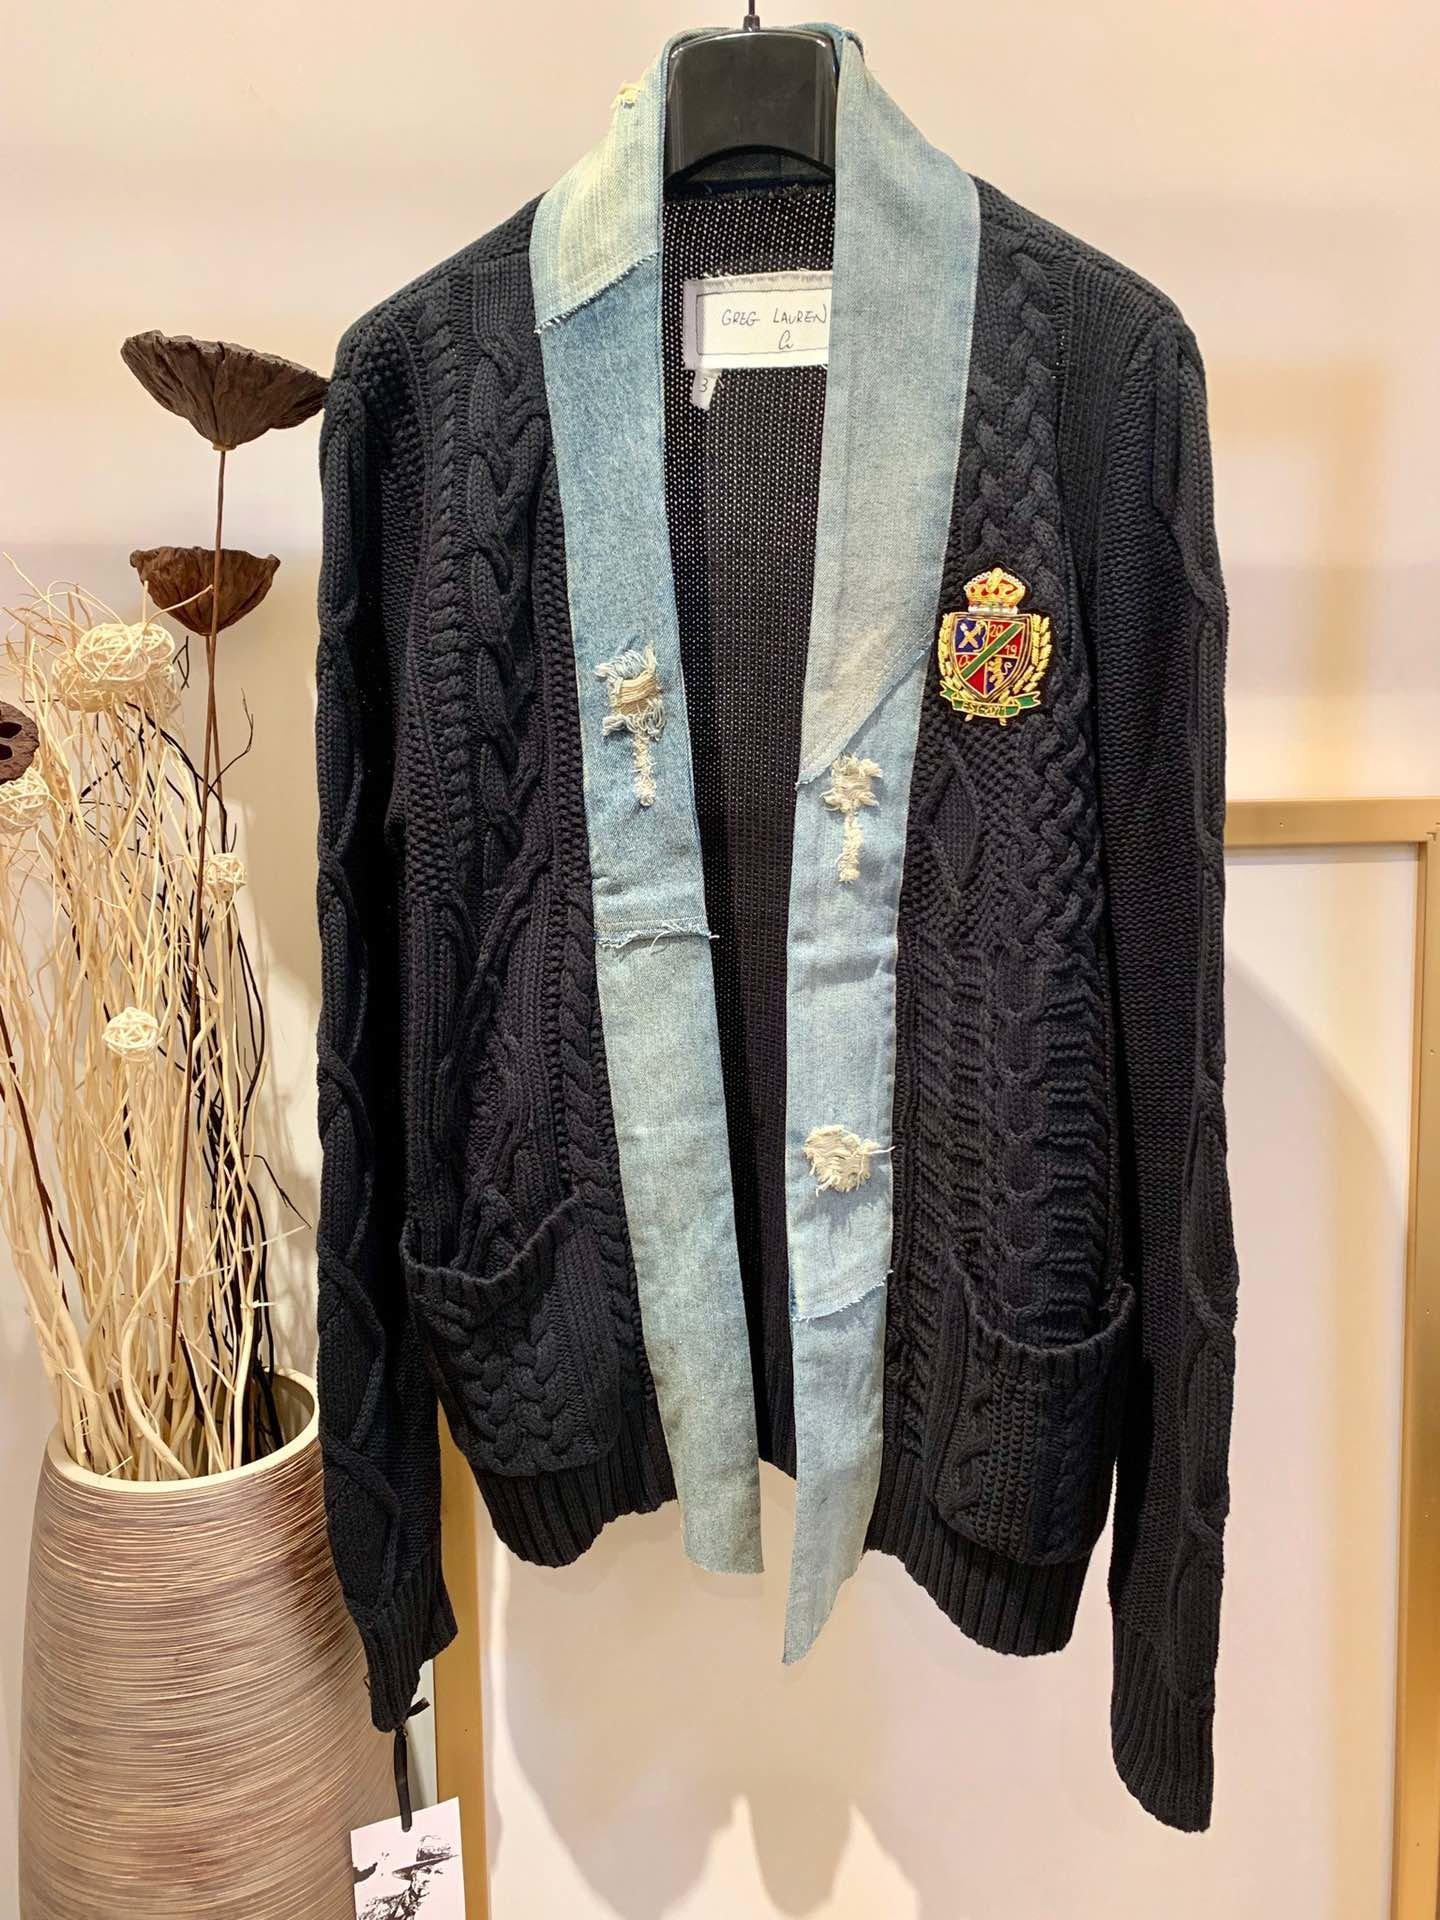 2020 nouvelle taille broderie insigne mode denim hommes de qualité haut de gamme cardigan tricoté veste couture américaines vestes de créateurs pour hommes